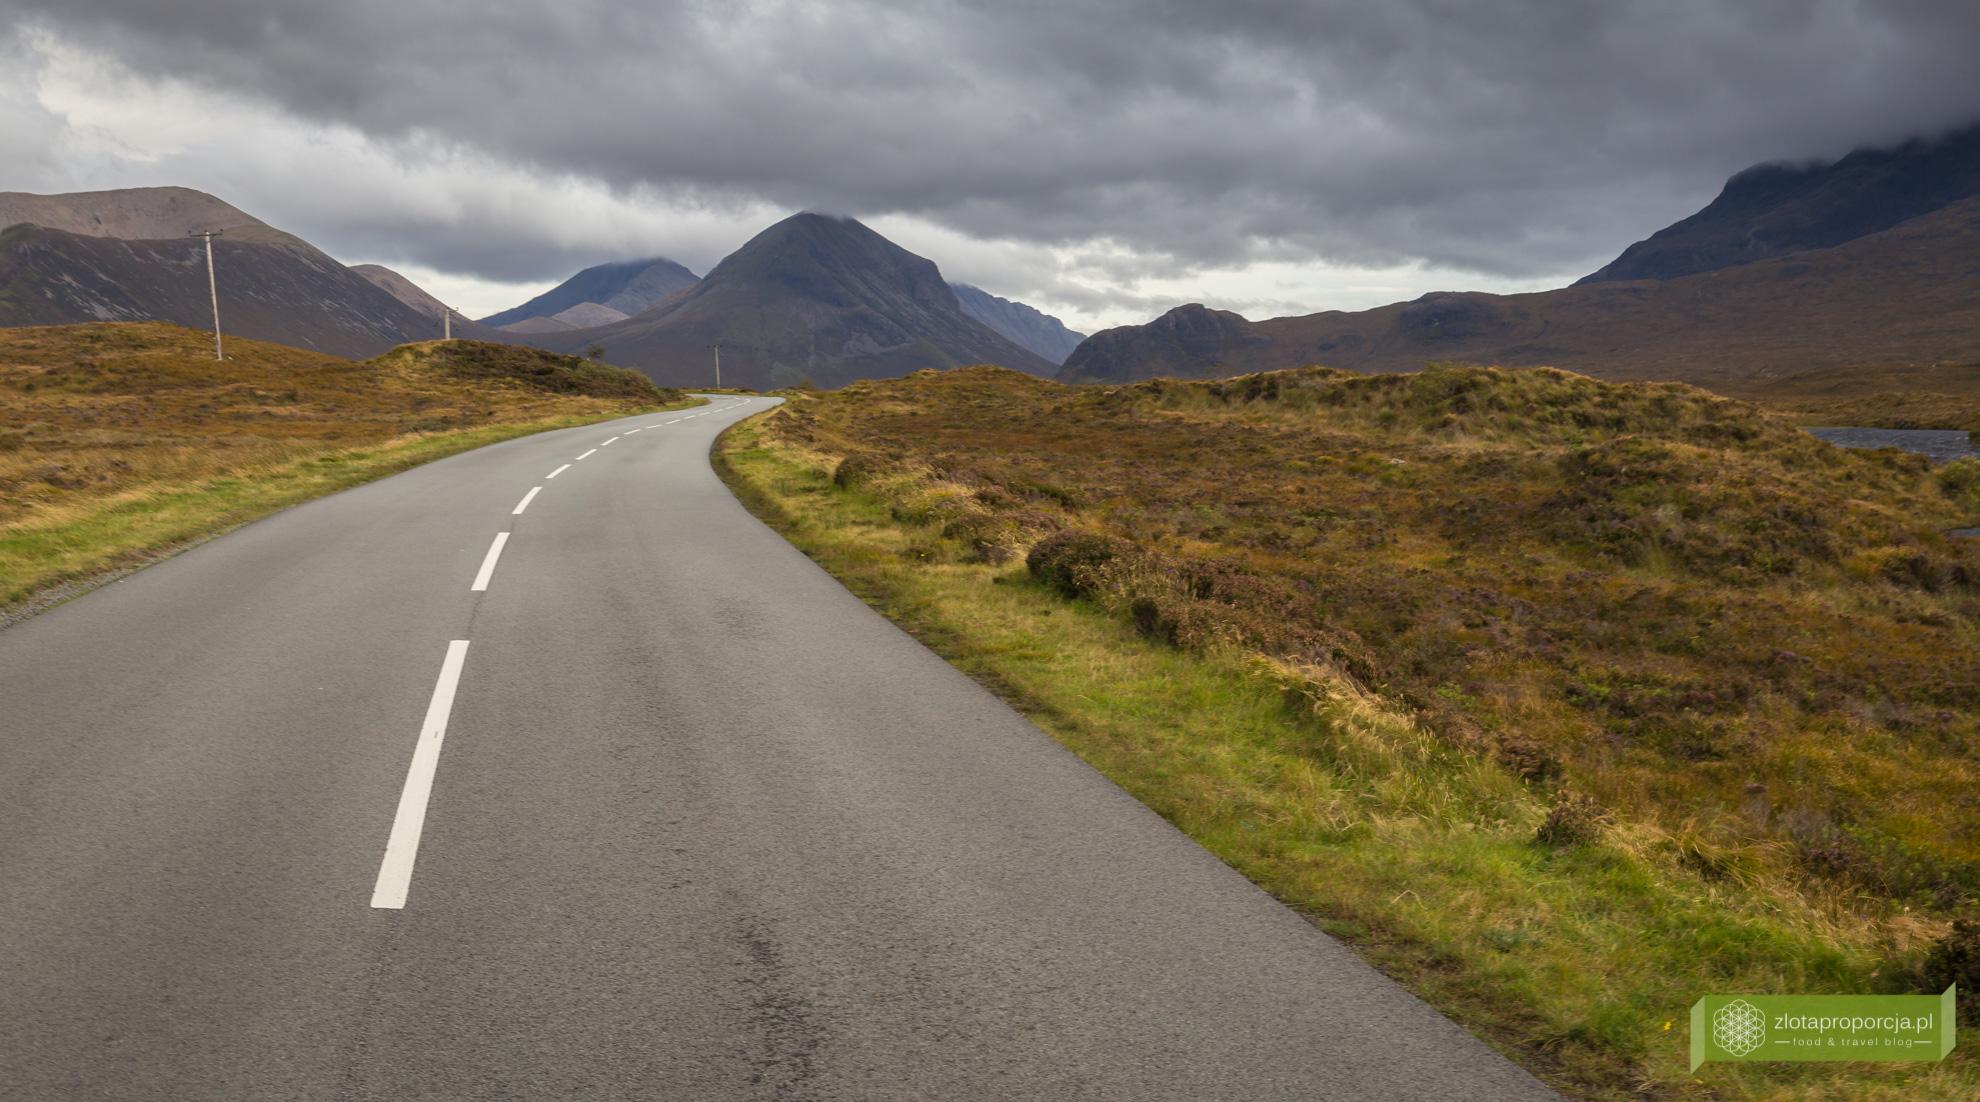 Góry Cuillin, Isle of Skye, Wyspa Skye, atrakcje Szkocji, atrakcje Wyspy Skye